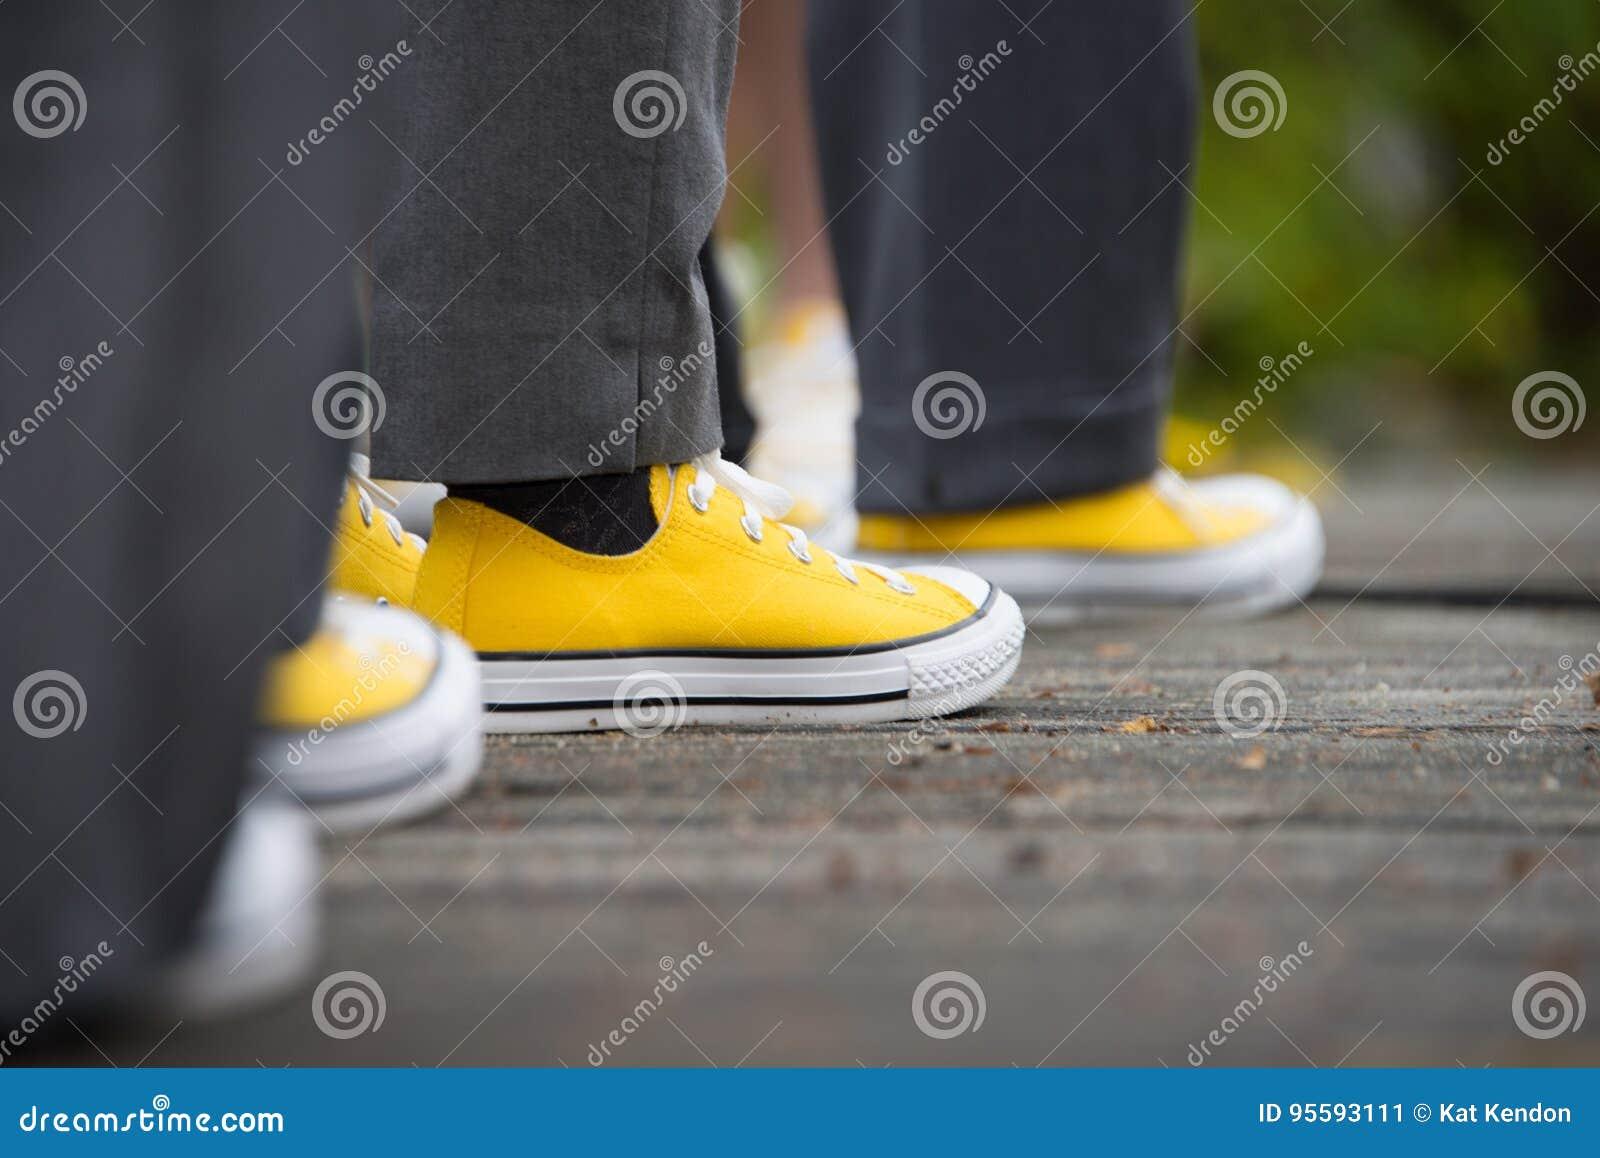 Gelbe gegenteilige Turnschuhe mit grauen Durchhängen an einer Hochzeit